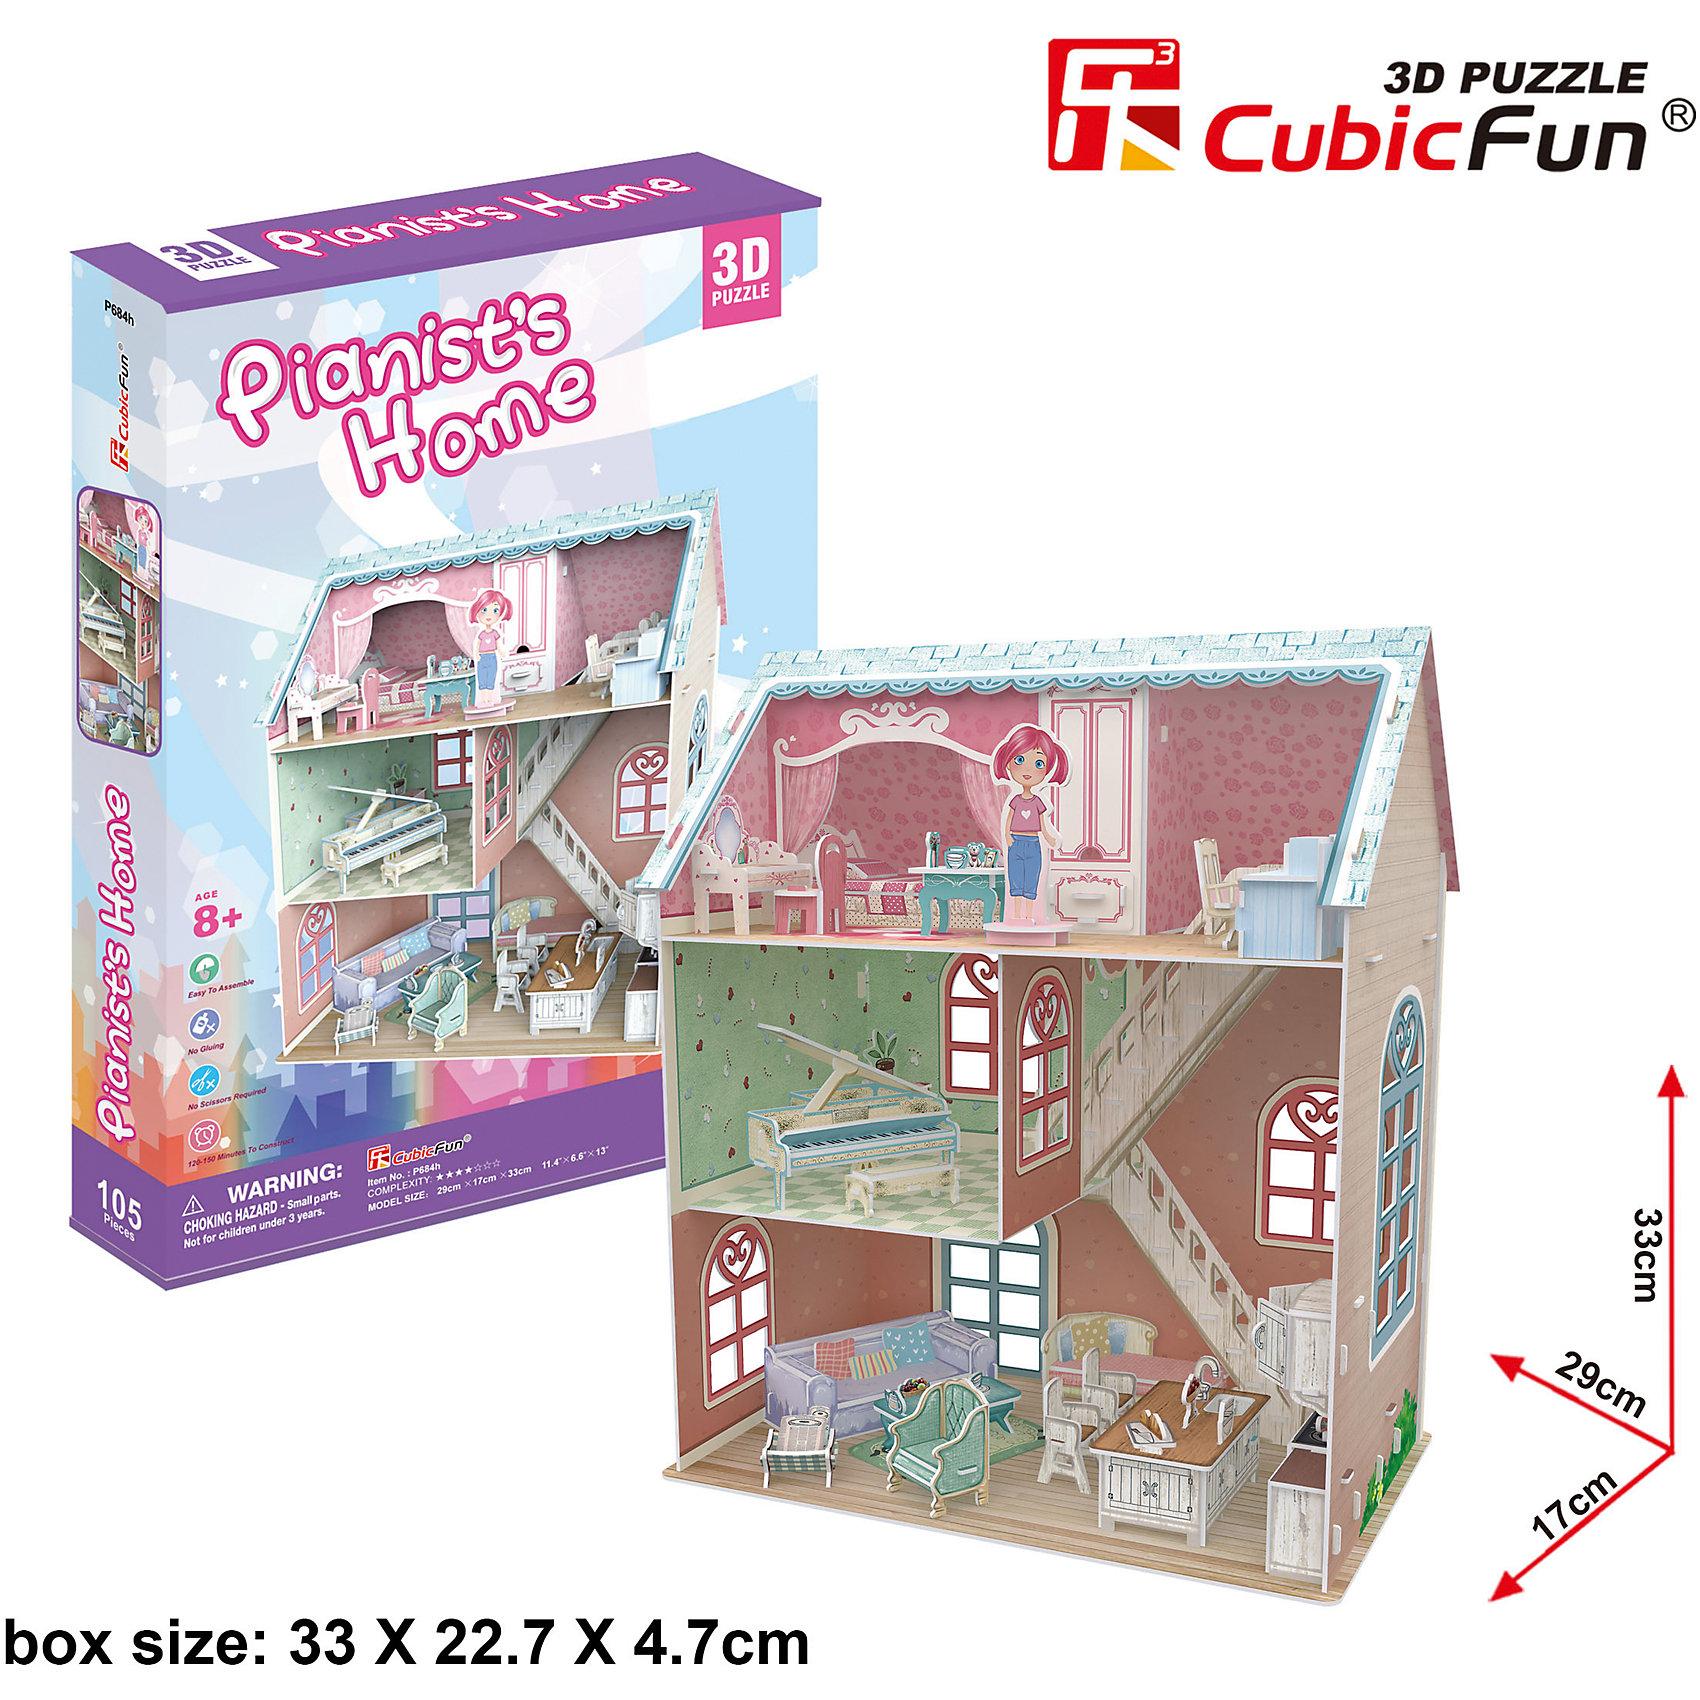 CubicFun Пазл 3D Дом пианиста, CubicFun cubicfun 3d пазл эйфелева башня 2 франция cubicfun 33 детали